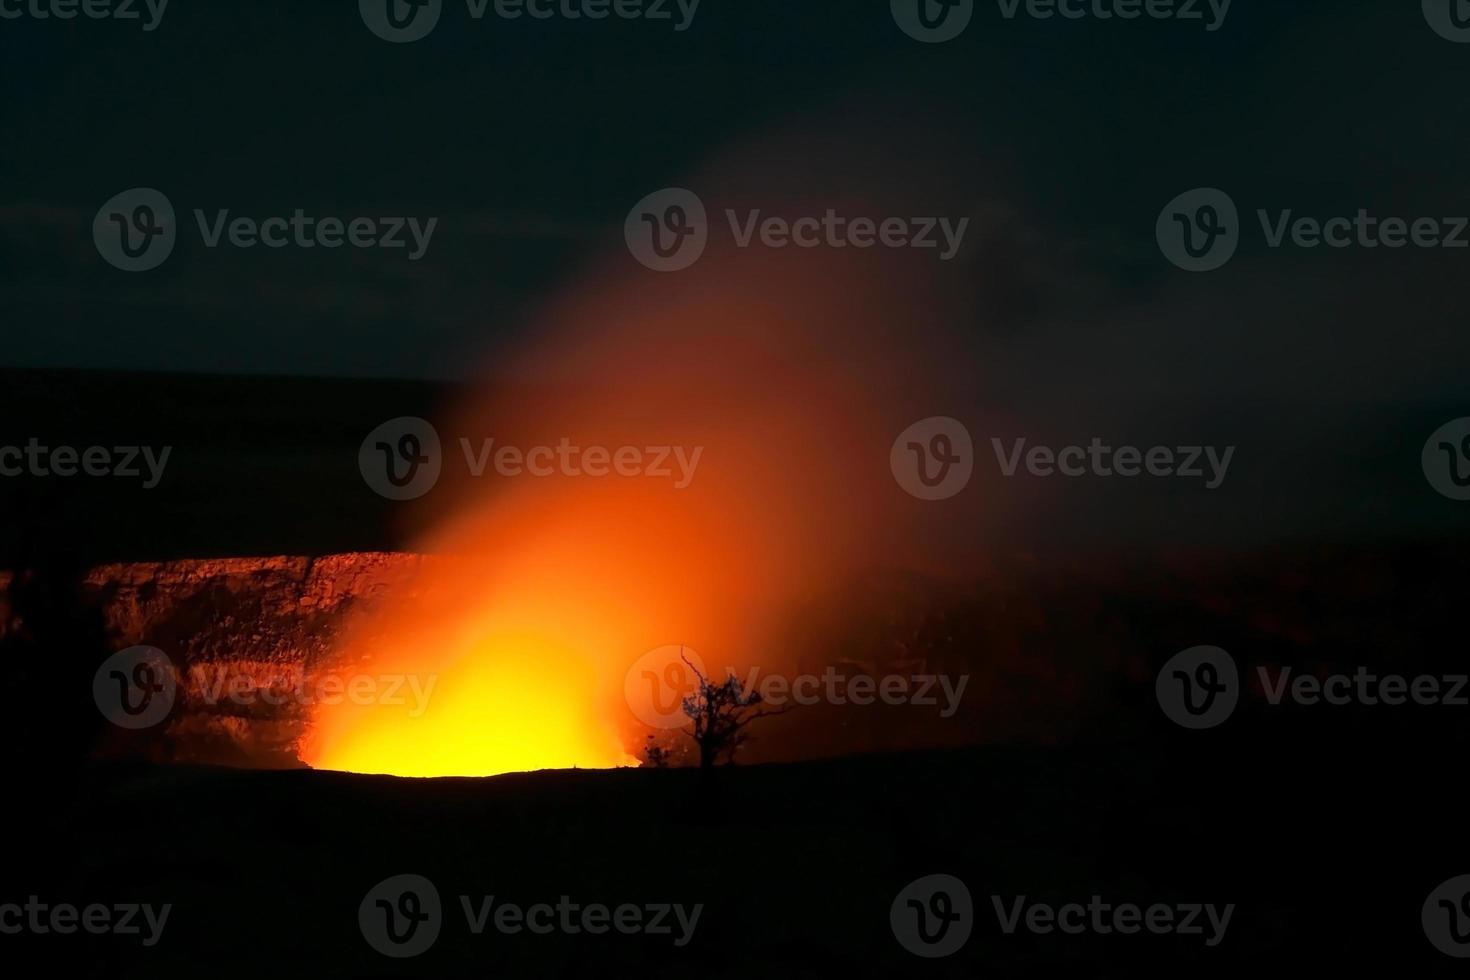 cratera de fumar do vulcão halemaumau kilauea nos vulcões do Havaí foto